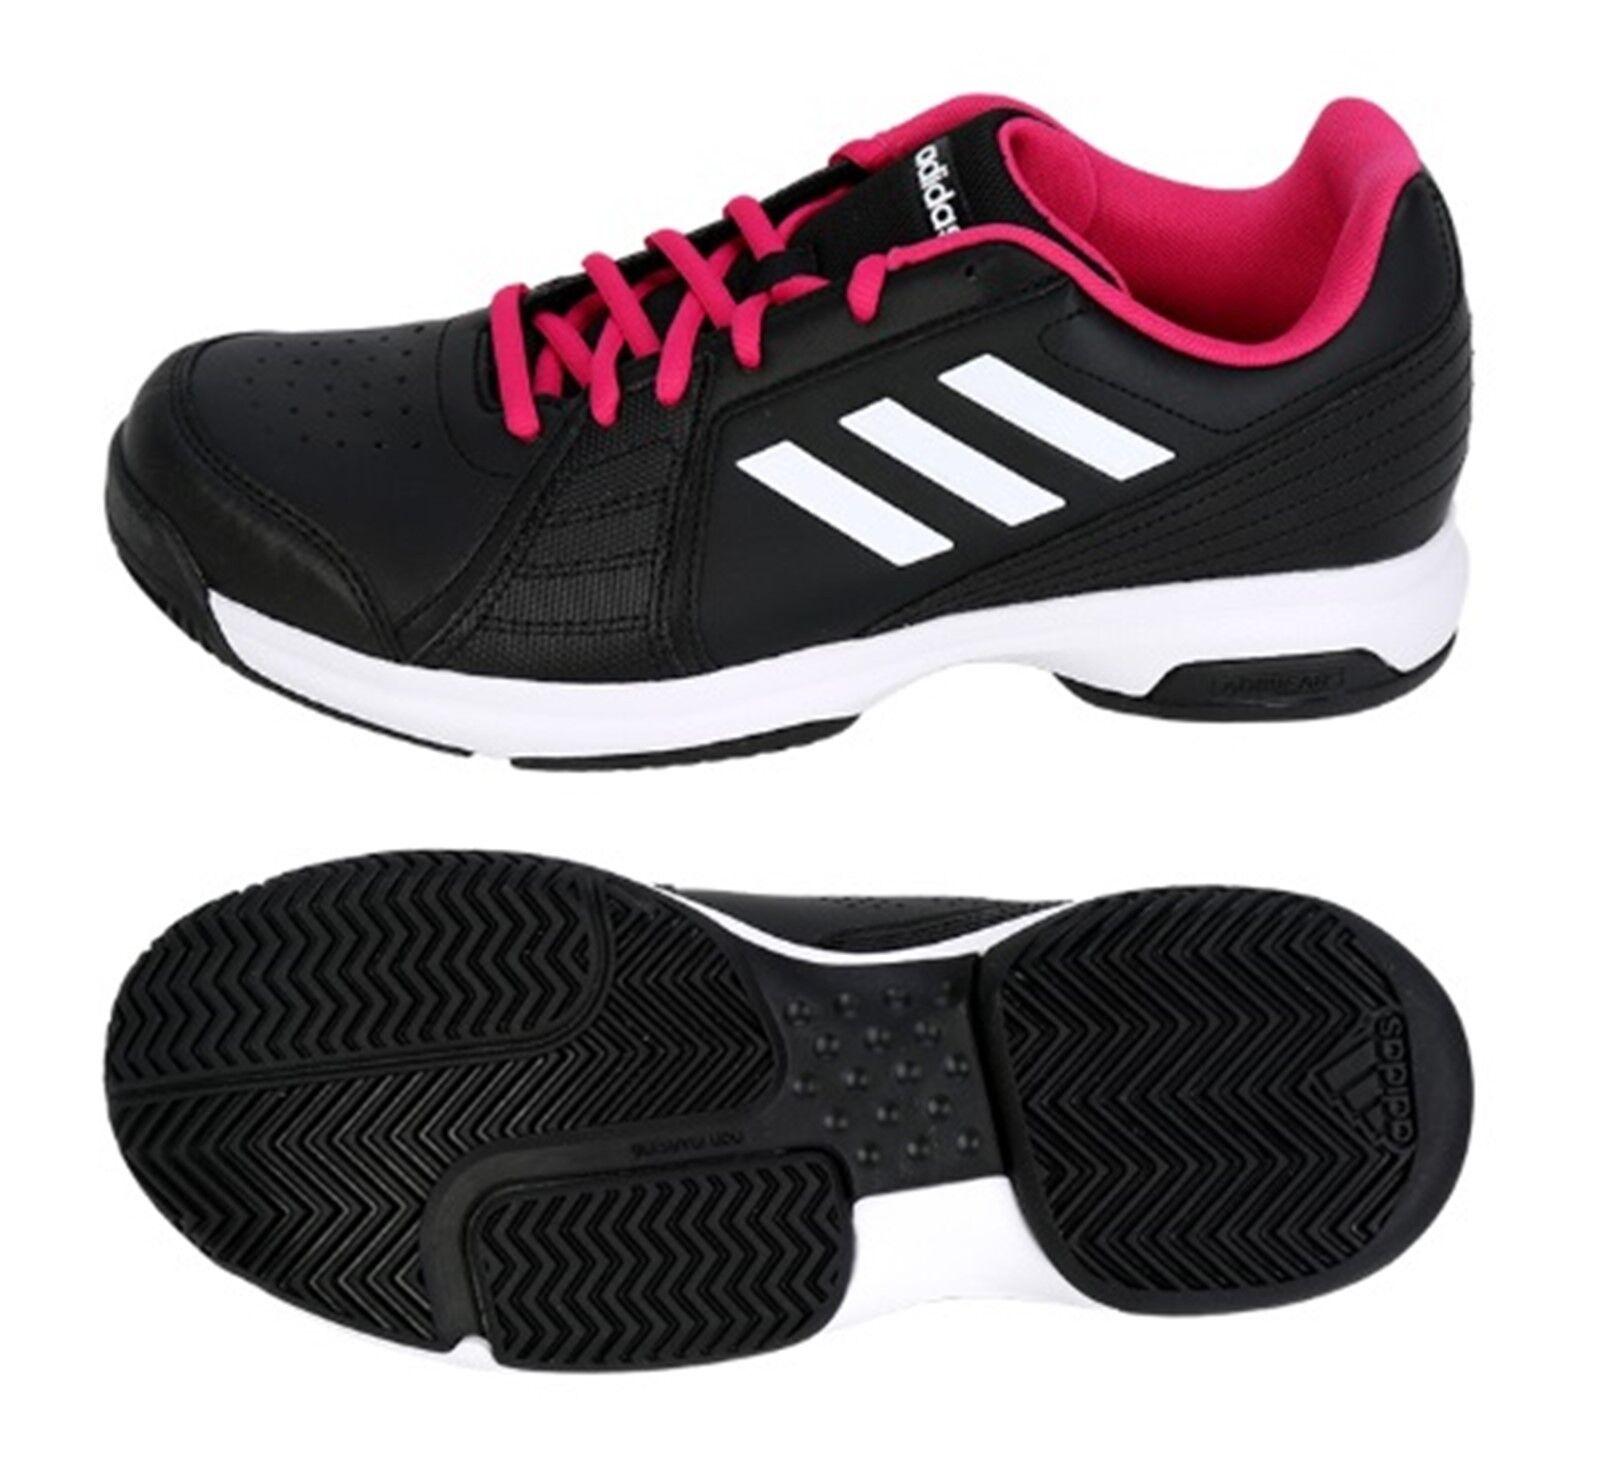 Zapatos  Tenis De Entrenamiento Adidas Mujer Aspire Correr Zapatillas Gimnasio Zapato Negro BB8081  autorización